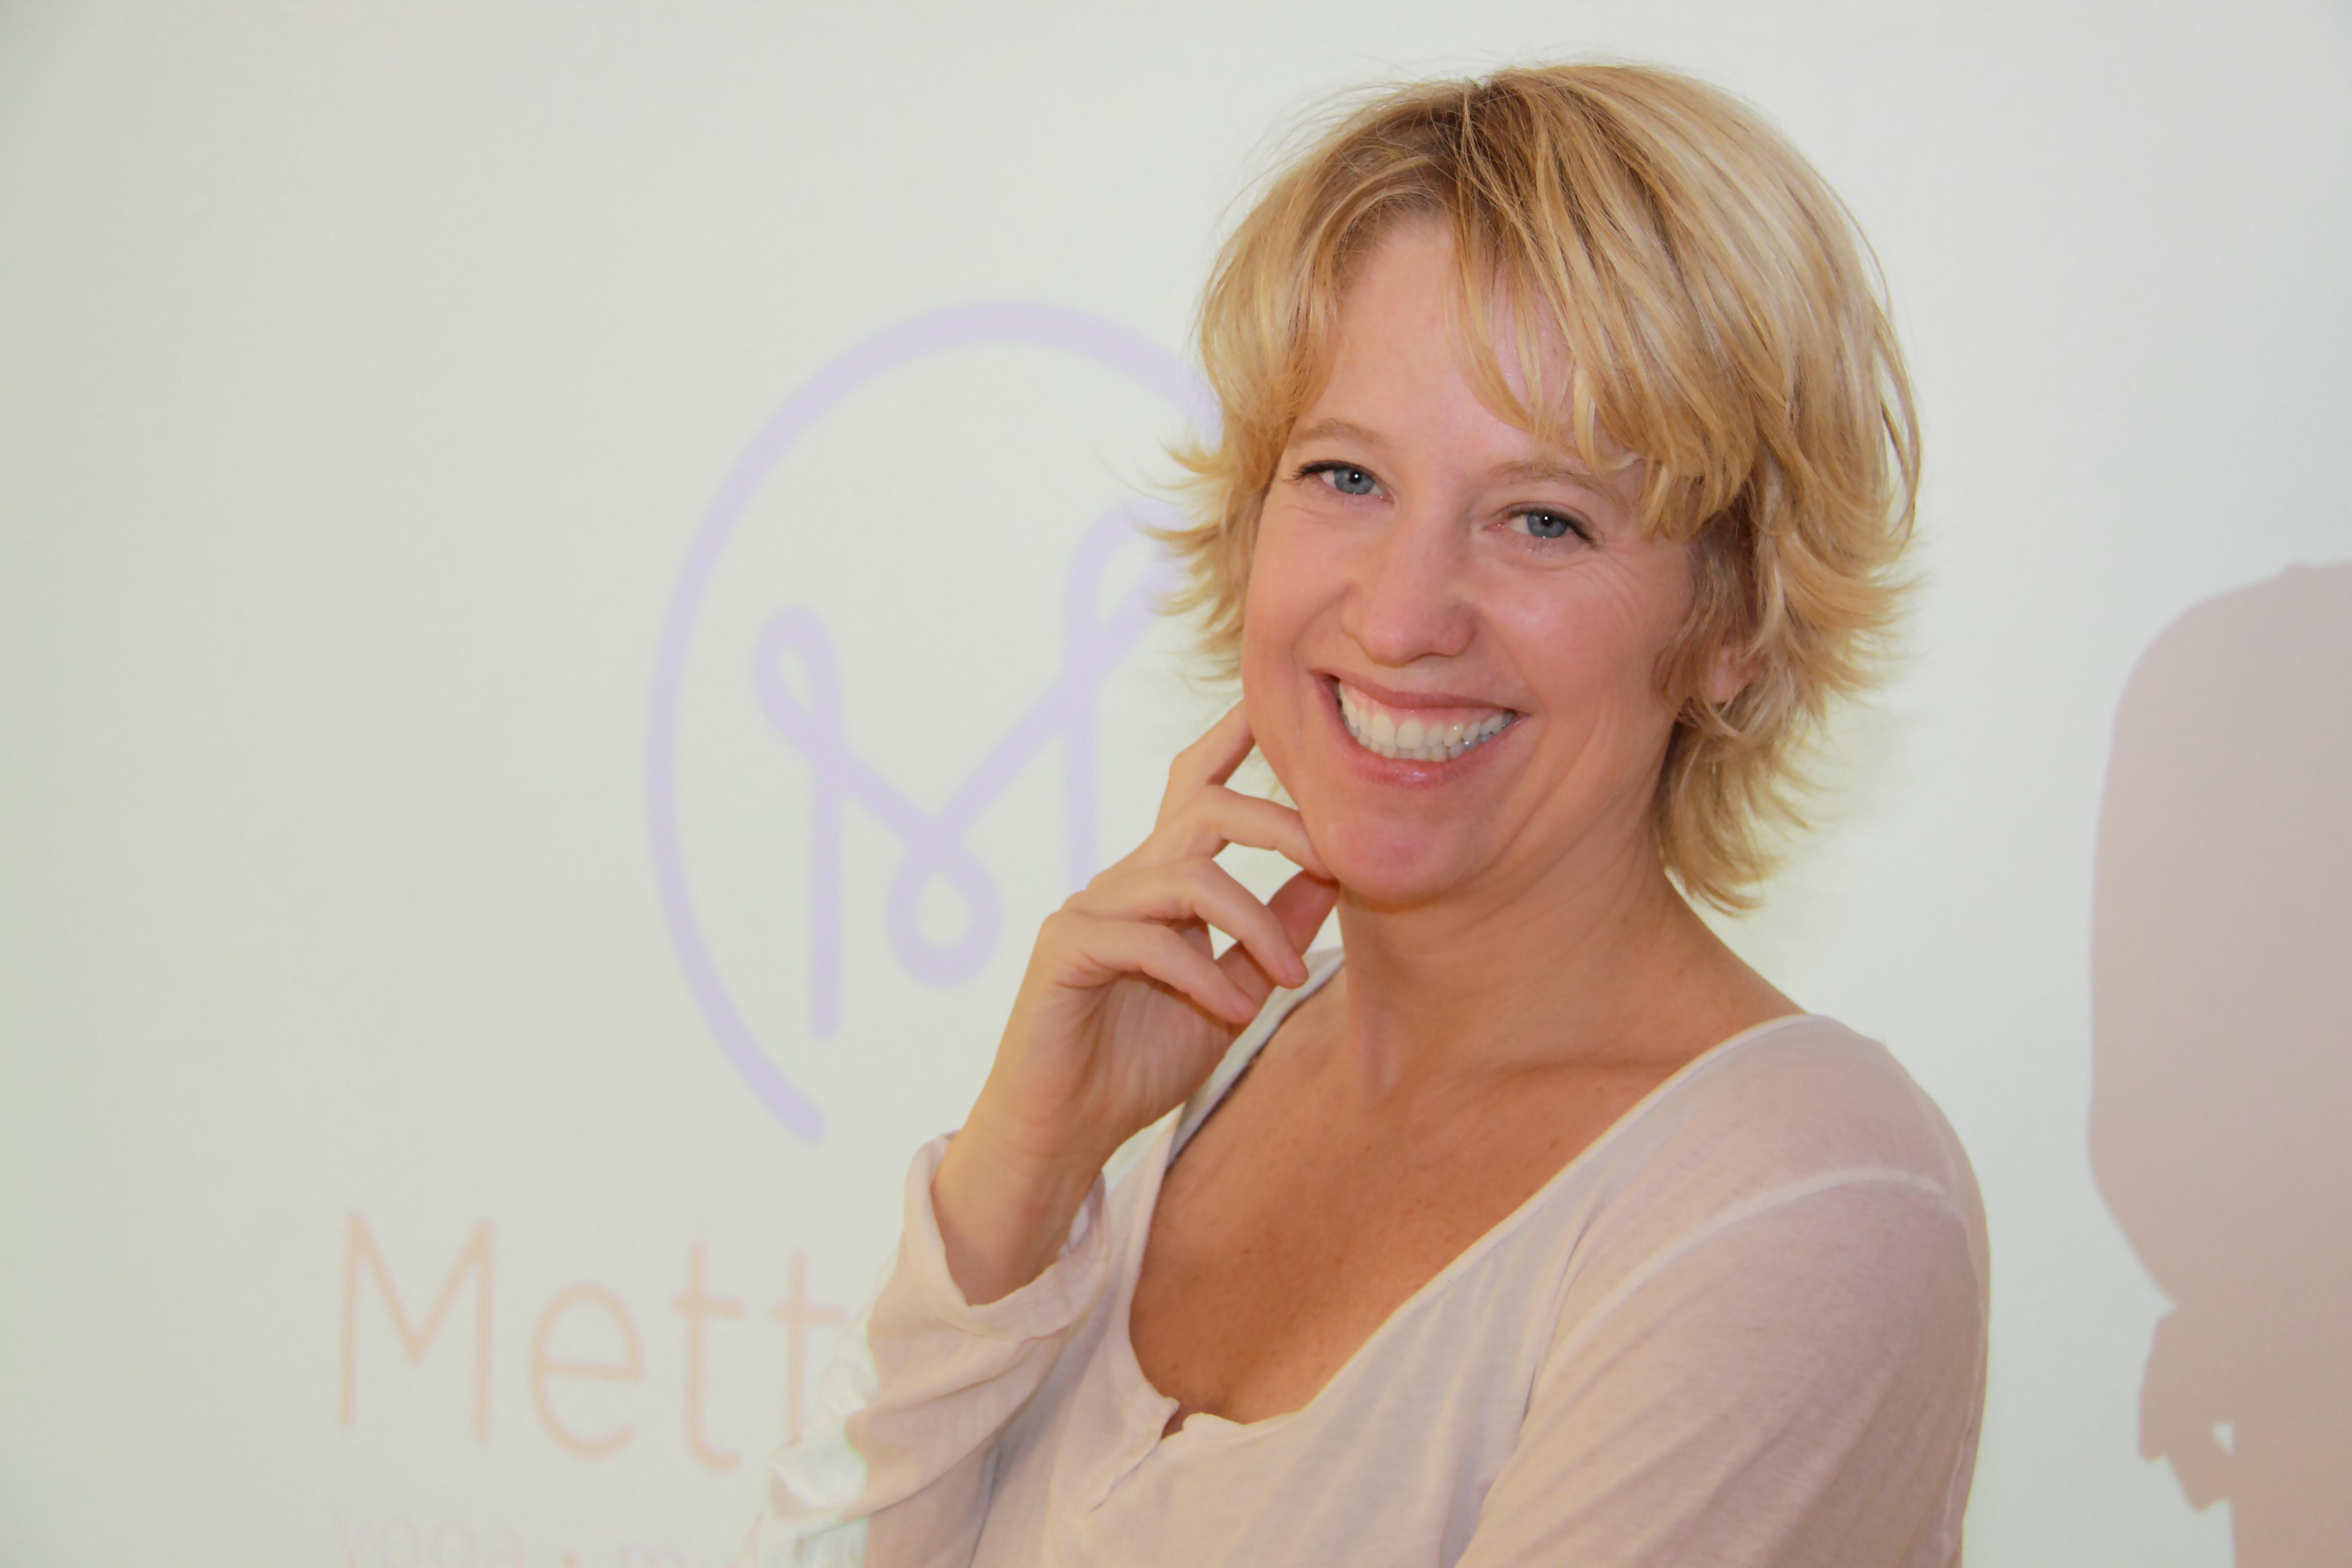 Wineke van Aken, oprichter van MettaMind